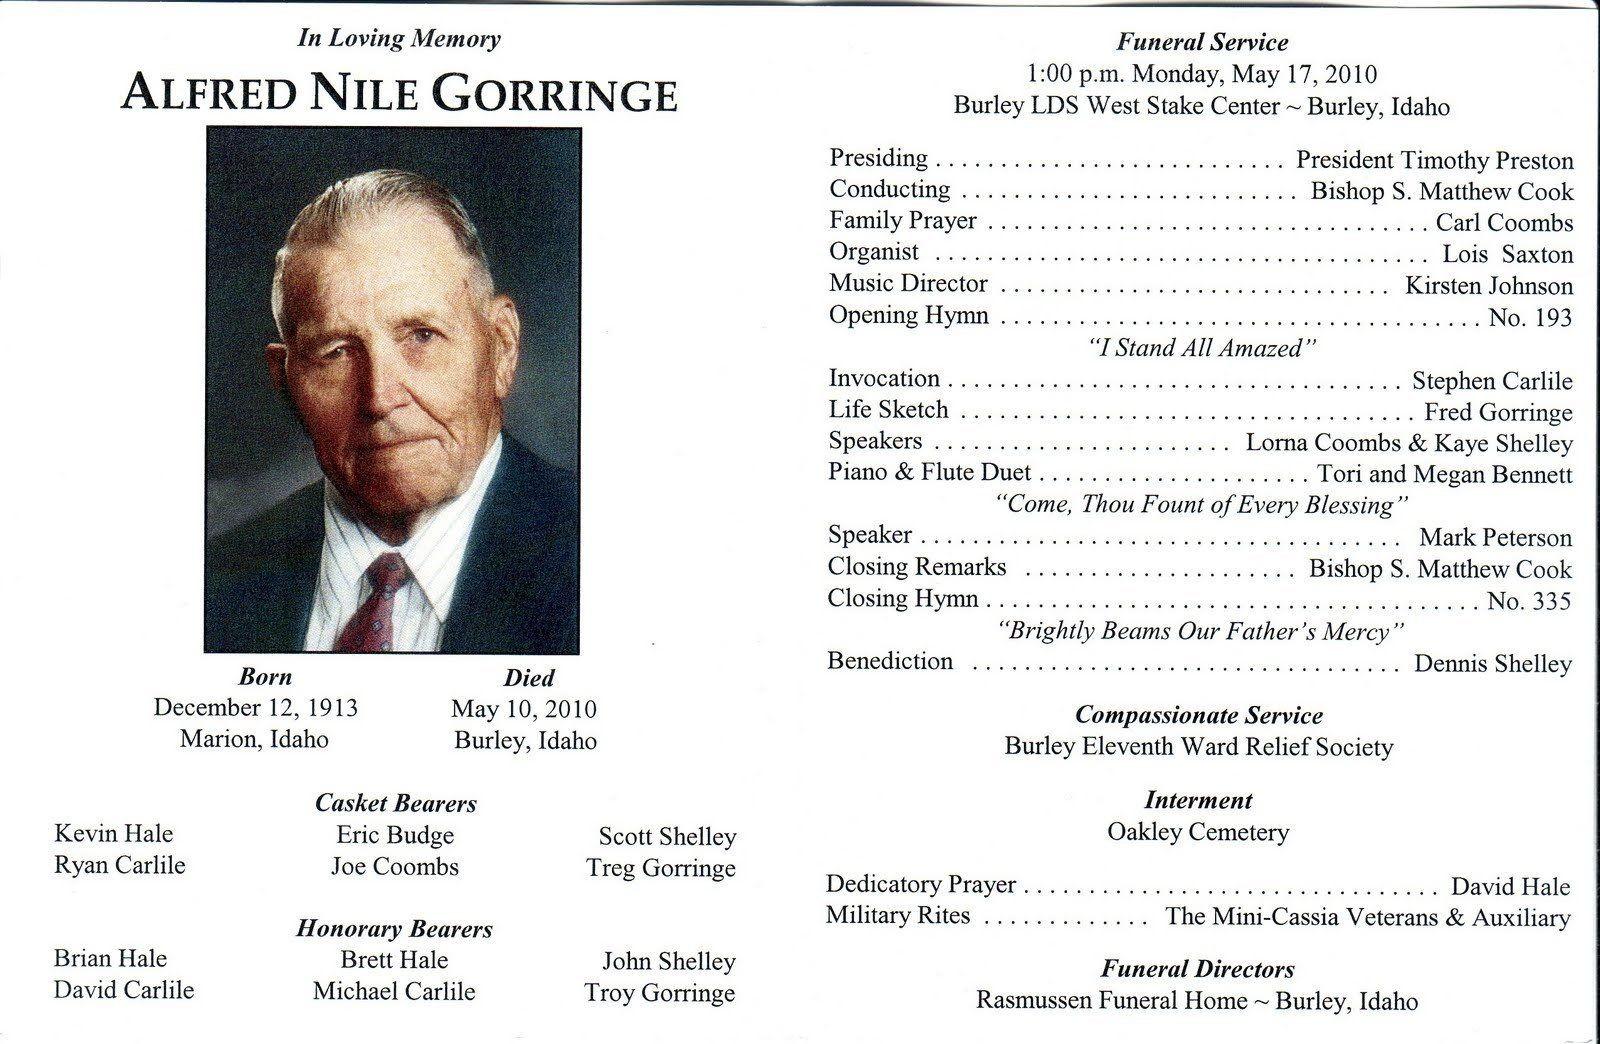 Funeral Program Template Lds